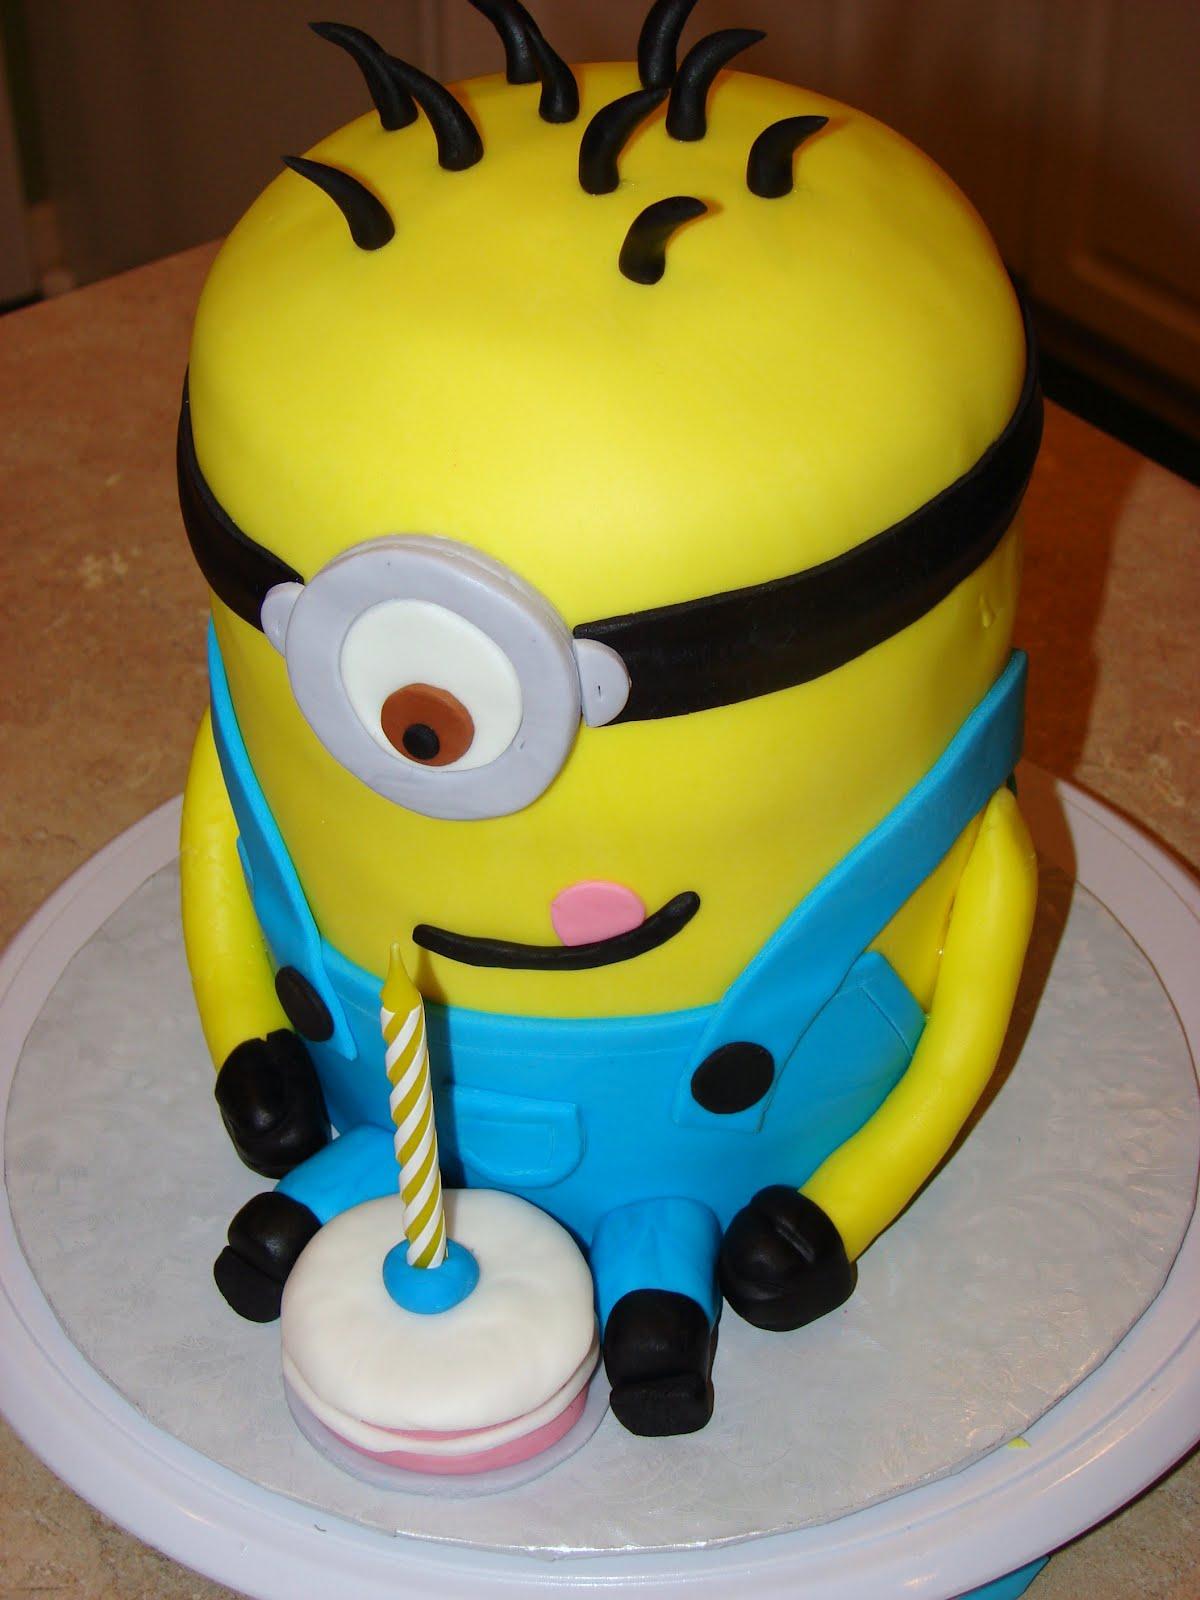 Ipsy Bipsy Bake Shop Minion Cake